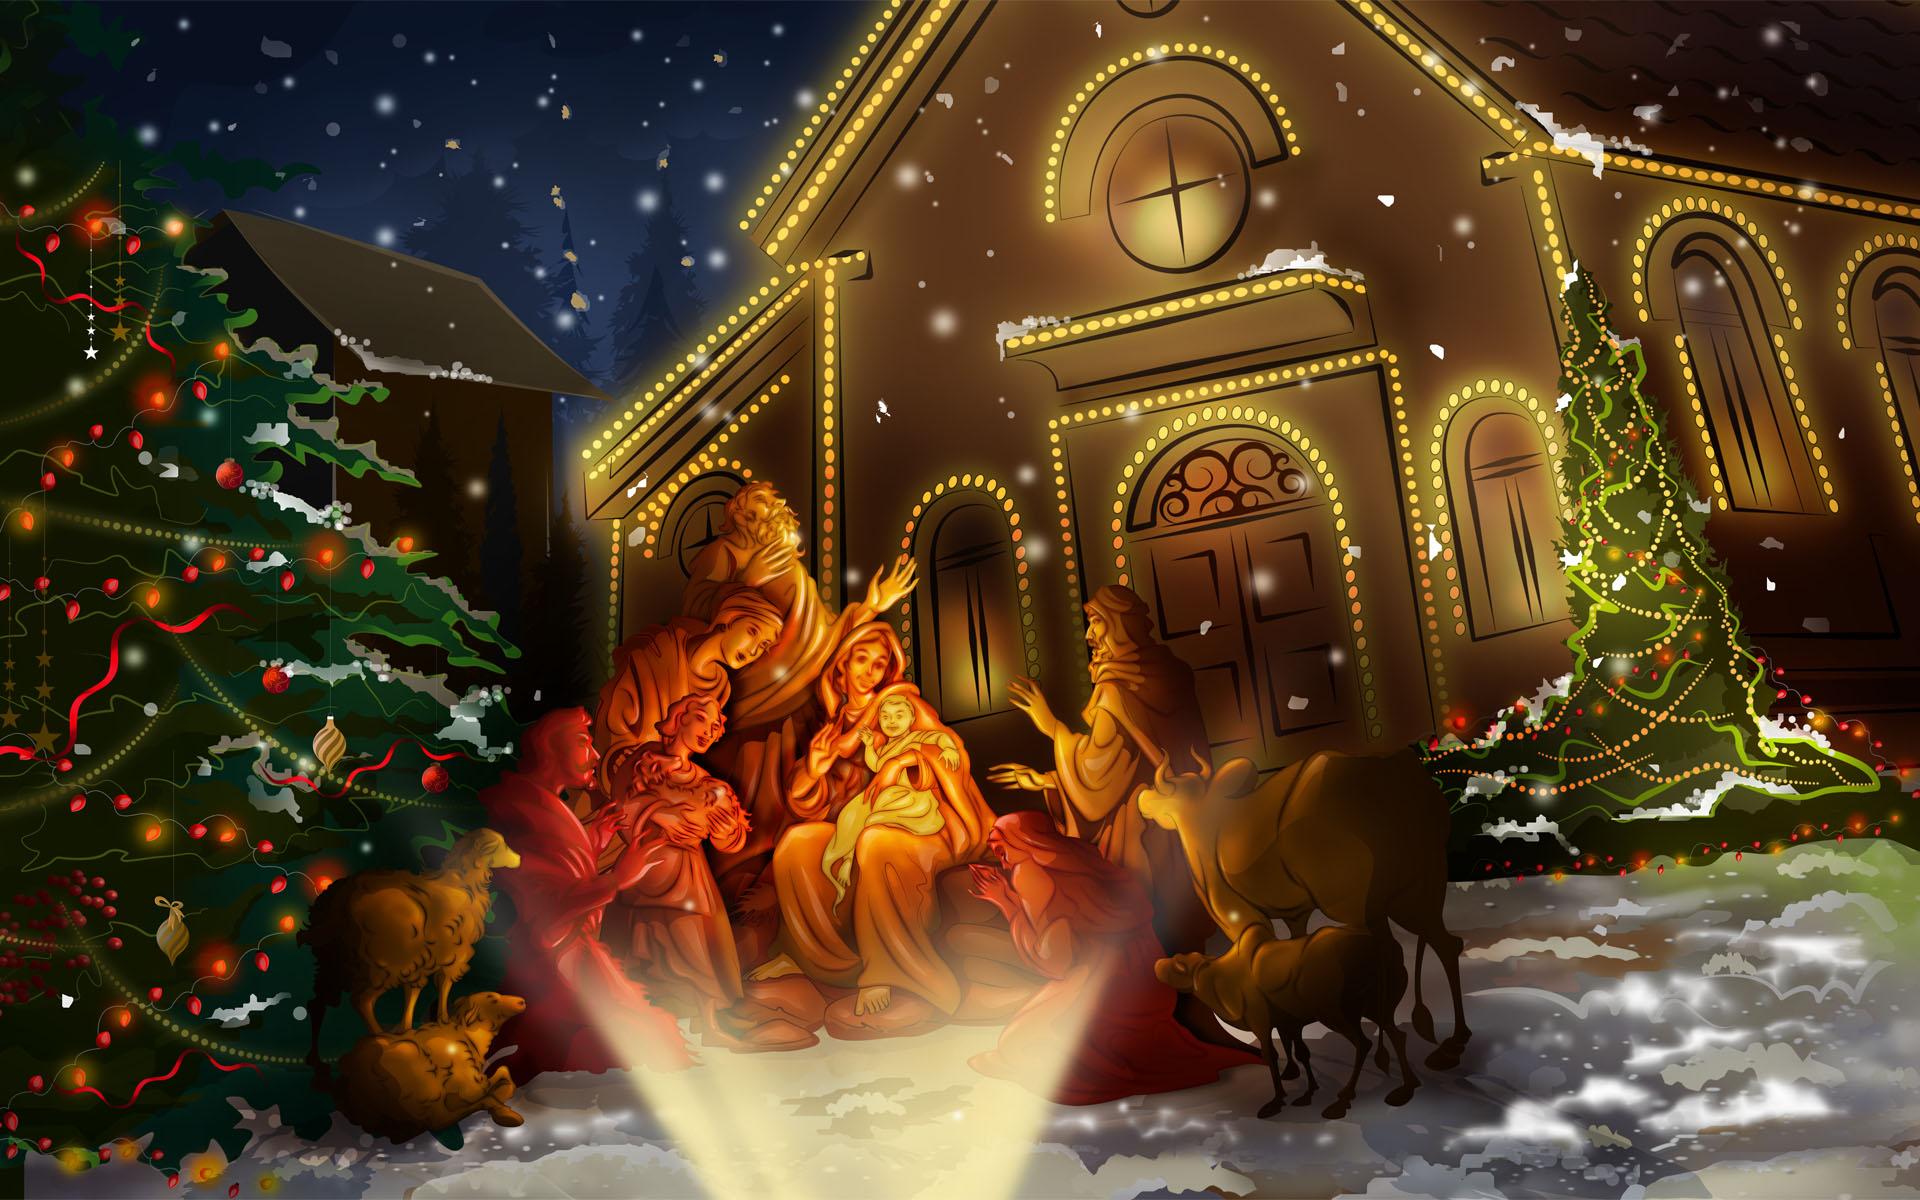 дочь покинуть рождественская католическая открытка разногласий